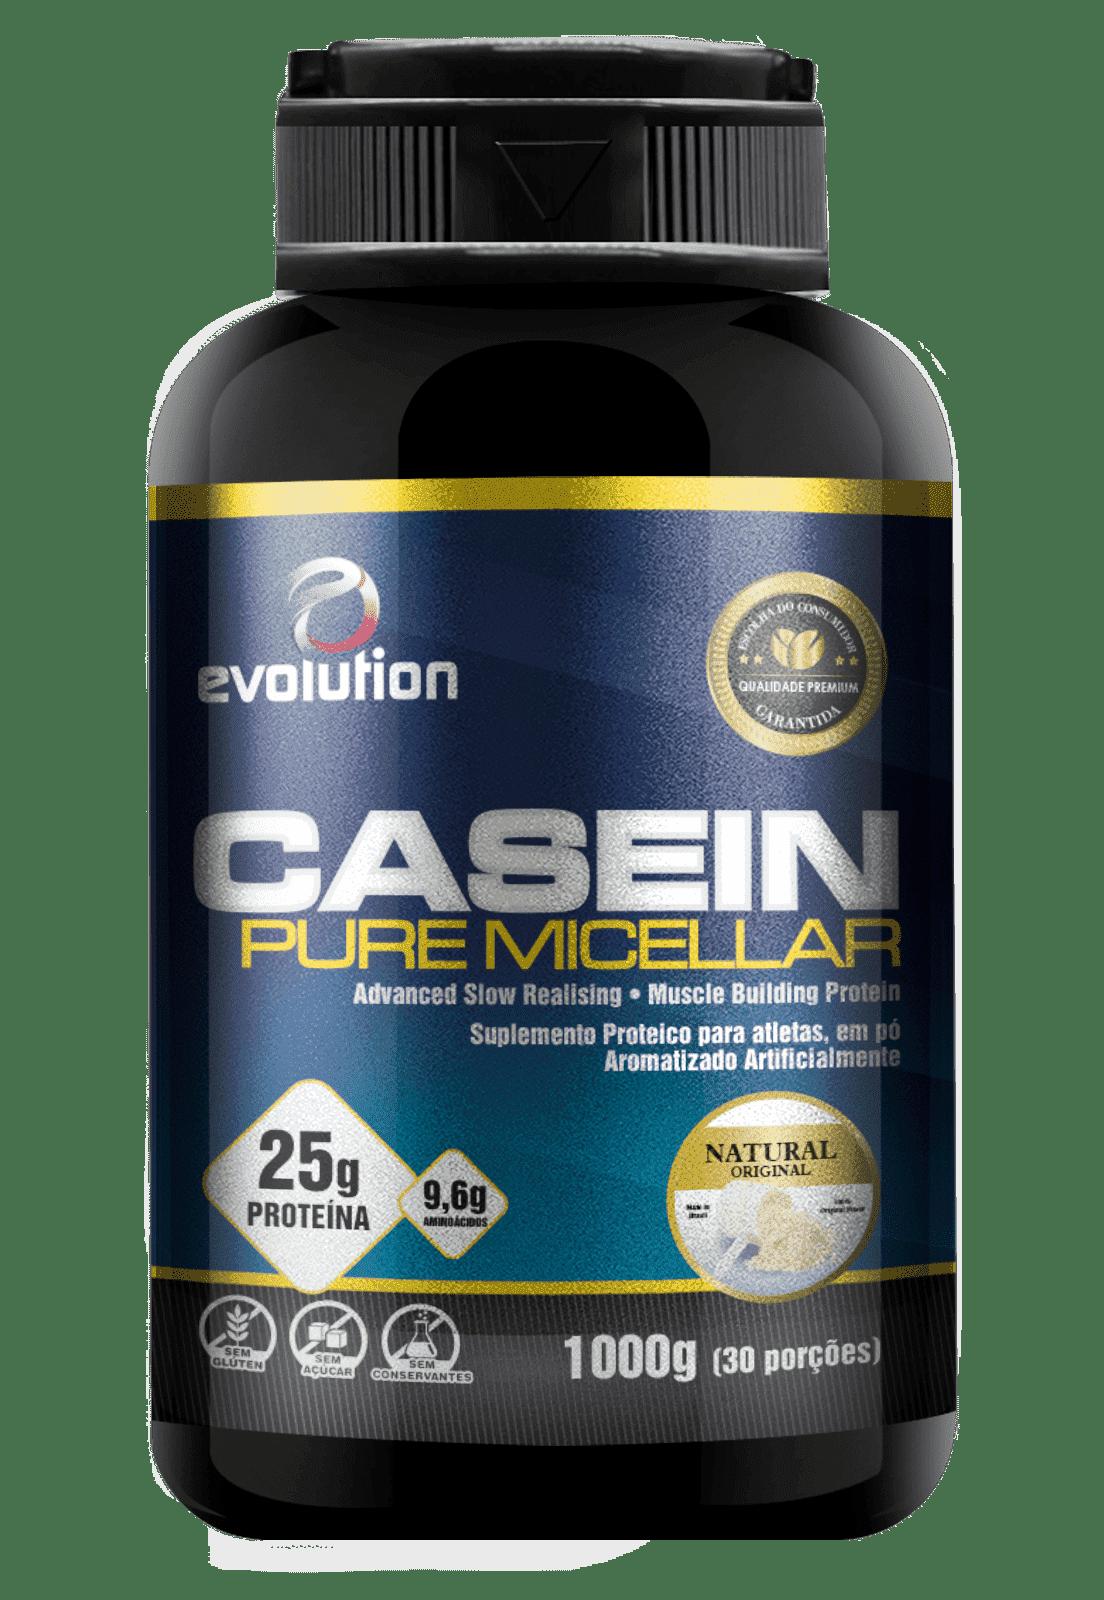 Pure Micellar Casein Evolution - Natural.